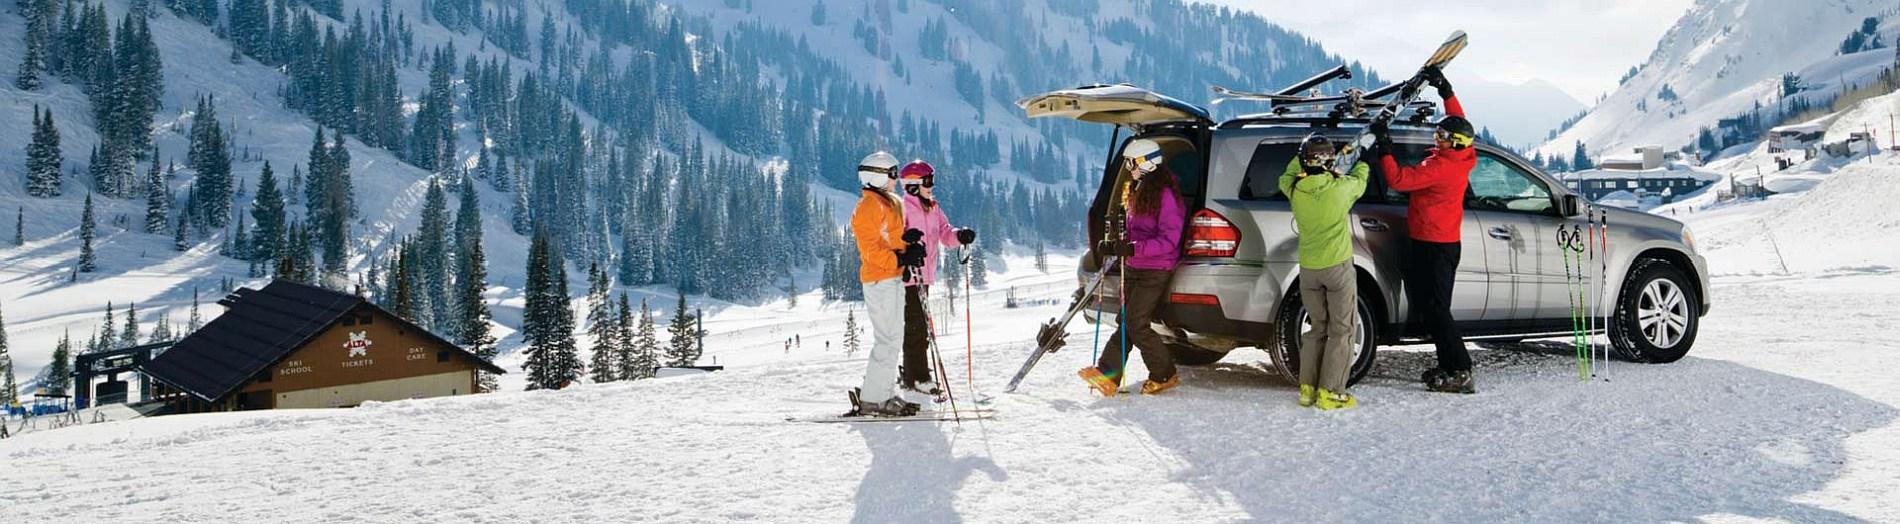 Ски багажници и адаптери с монтаж на напречни греди, теглич или задната врата